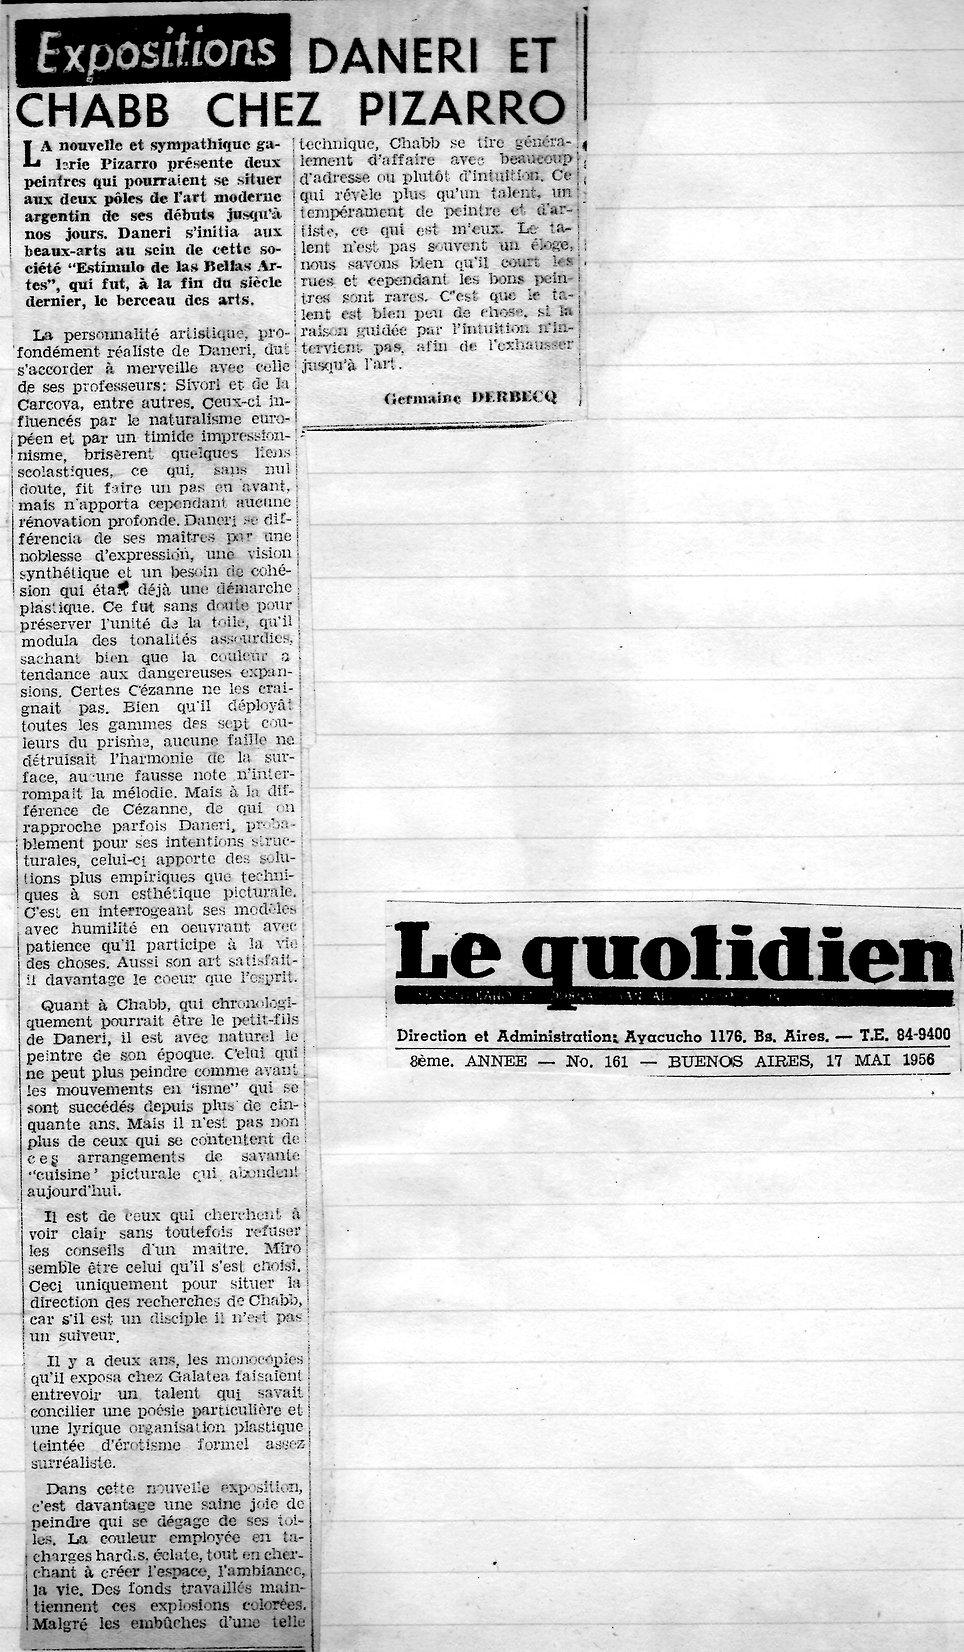 Le Quotidien (Daneri et Chabb).jpg